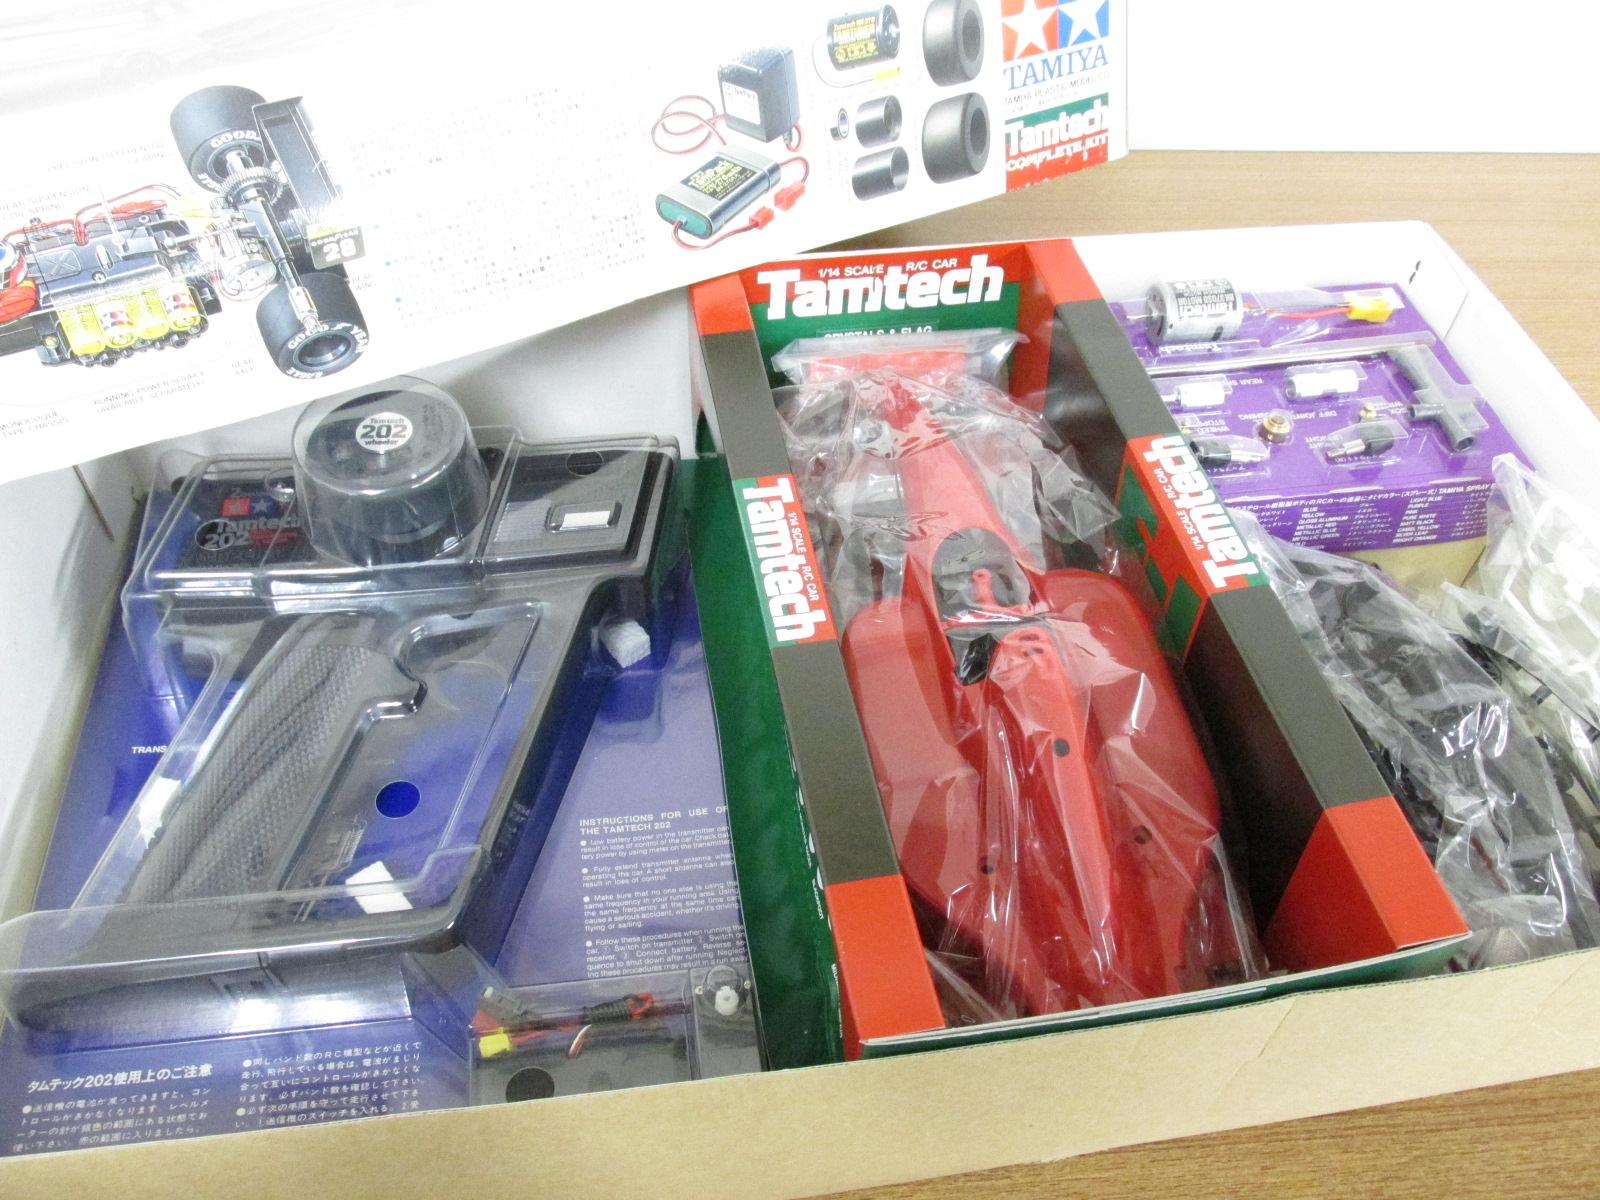 タミヤ 1/14スケール タムテックRCシリーズNo.8 フェラーリ 643 フルセット